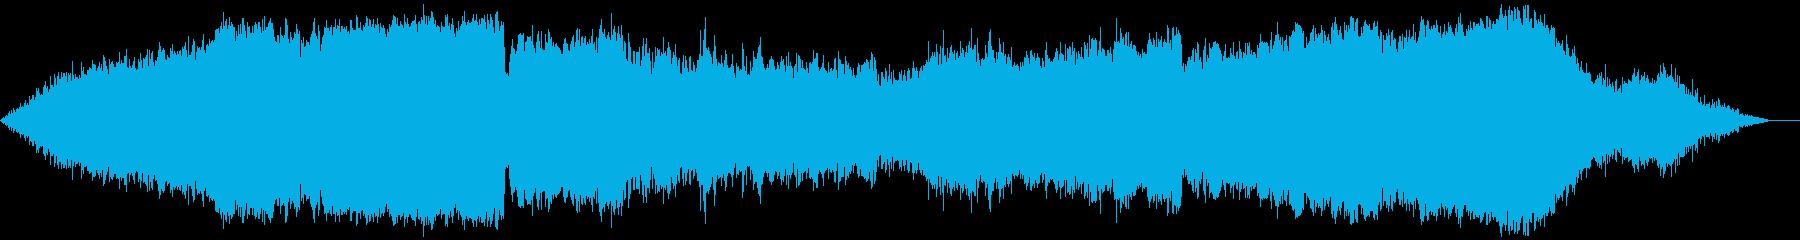 リラックス、クラシック音楽のような楽曲の再生済みの波形